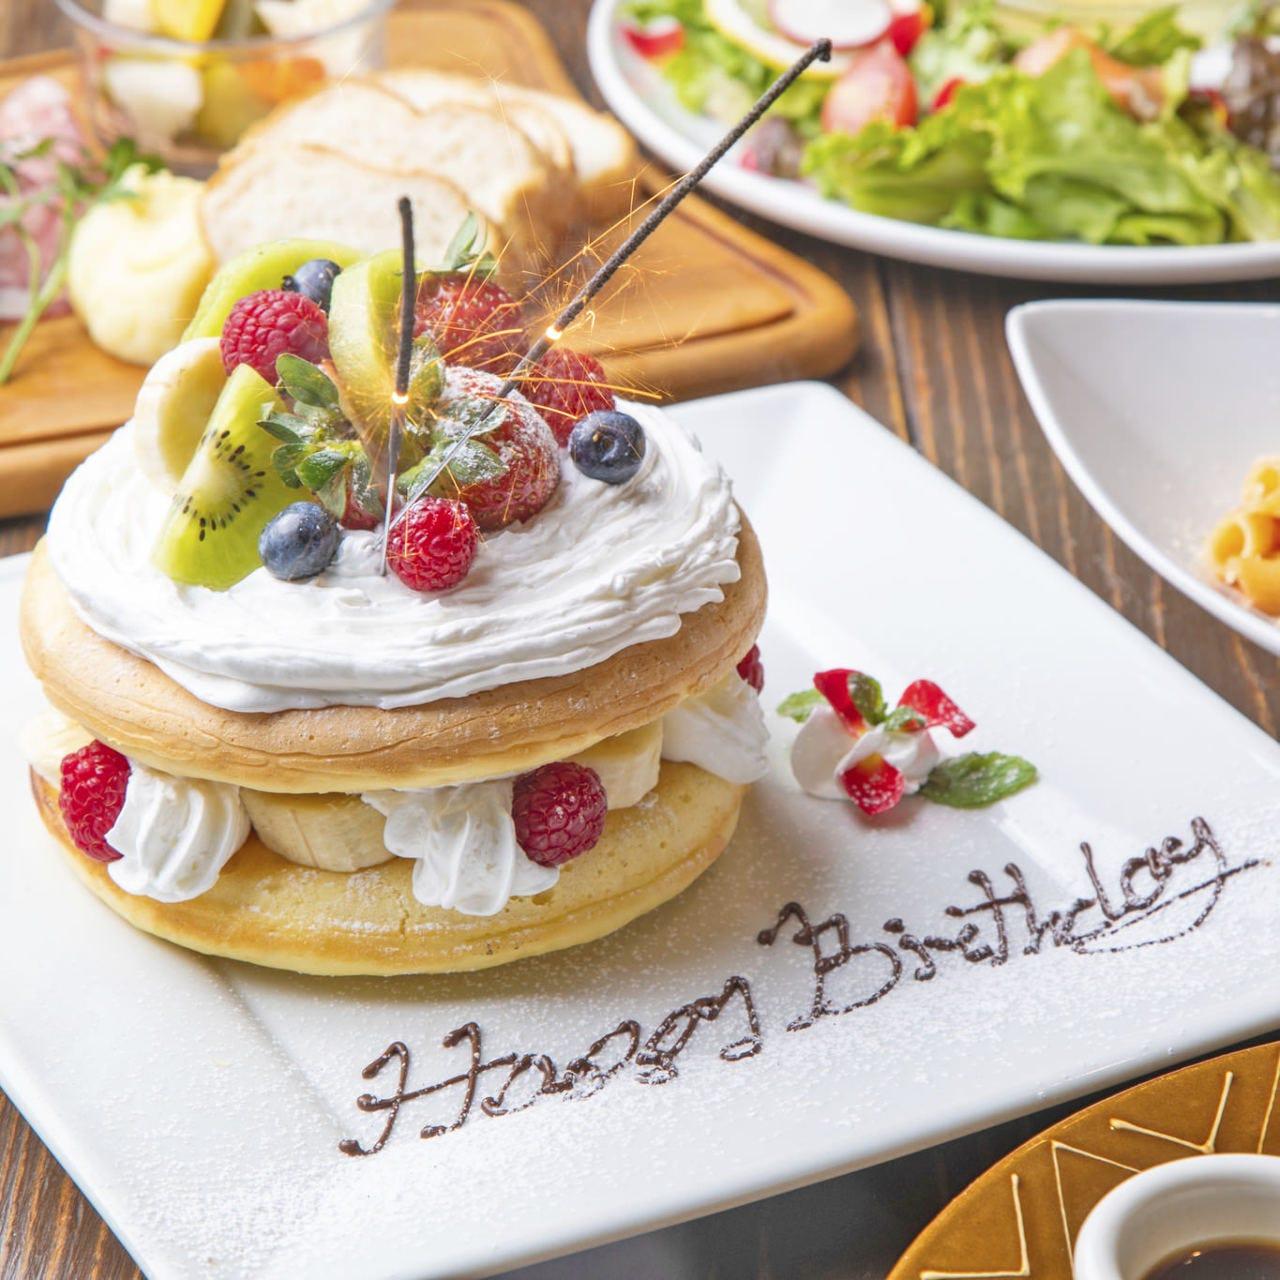 メッセージプレート付き!大切な記念日をお祝い♪アニバーサリコース8品【料理のみ】3000円